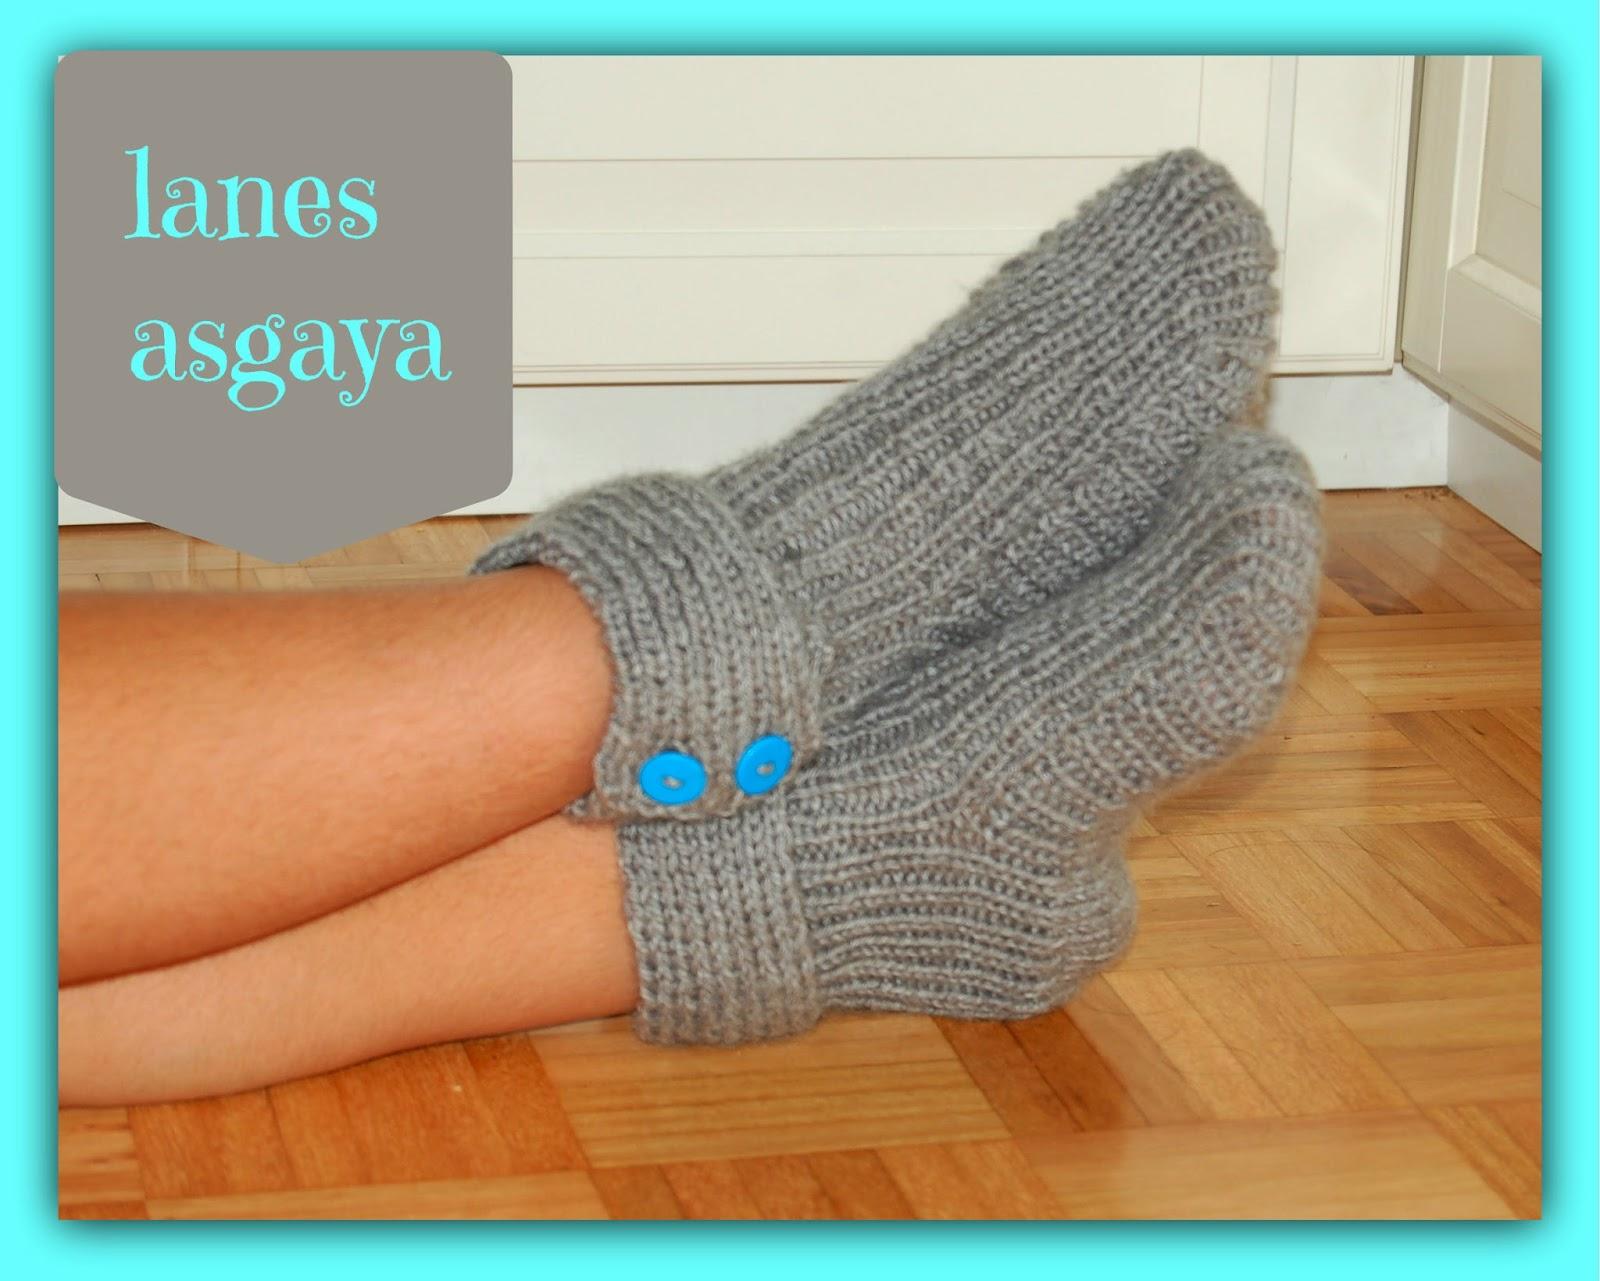 Lanes asgaya pantuflas moon socks - Como hacer talon de calcetines de lana ...